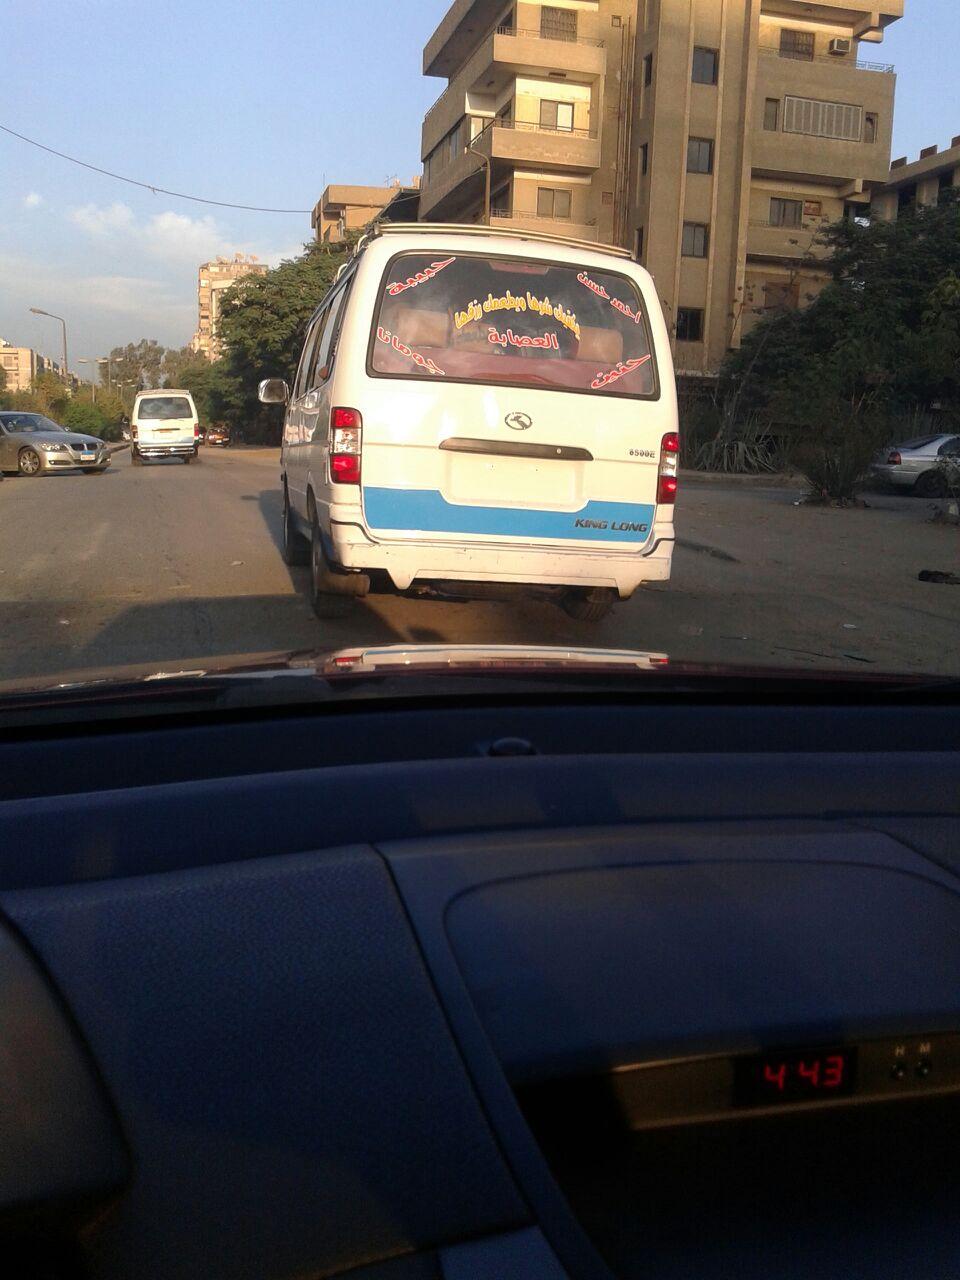 ميكروباص بدون لوحات معدنية يحمل ركاب عشوائيًا في شوارع المعادي